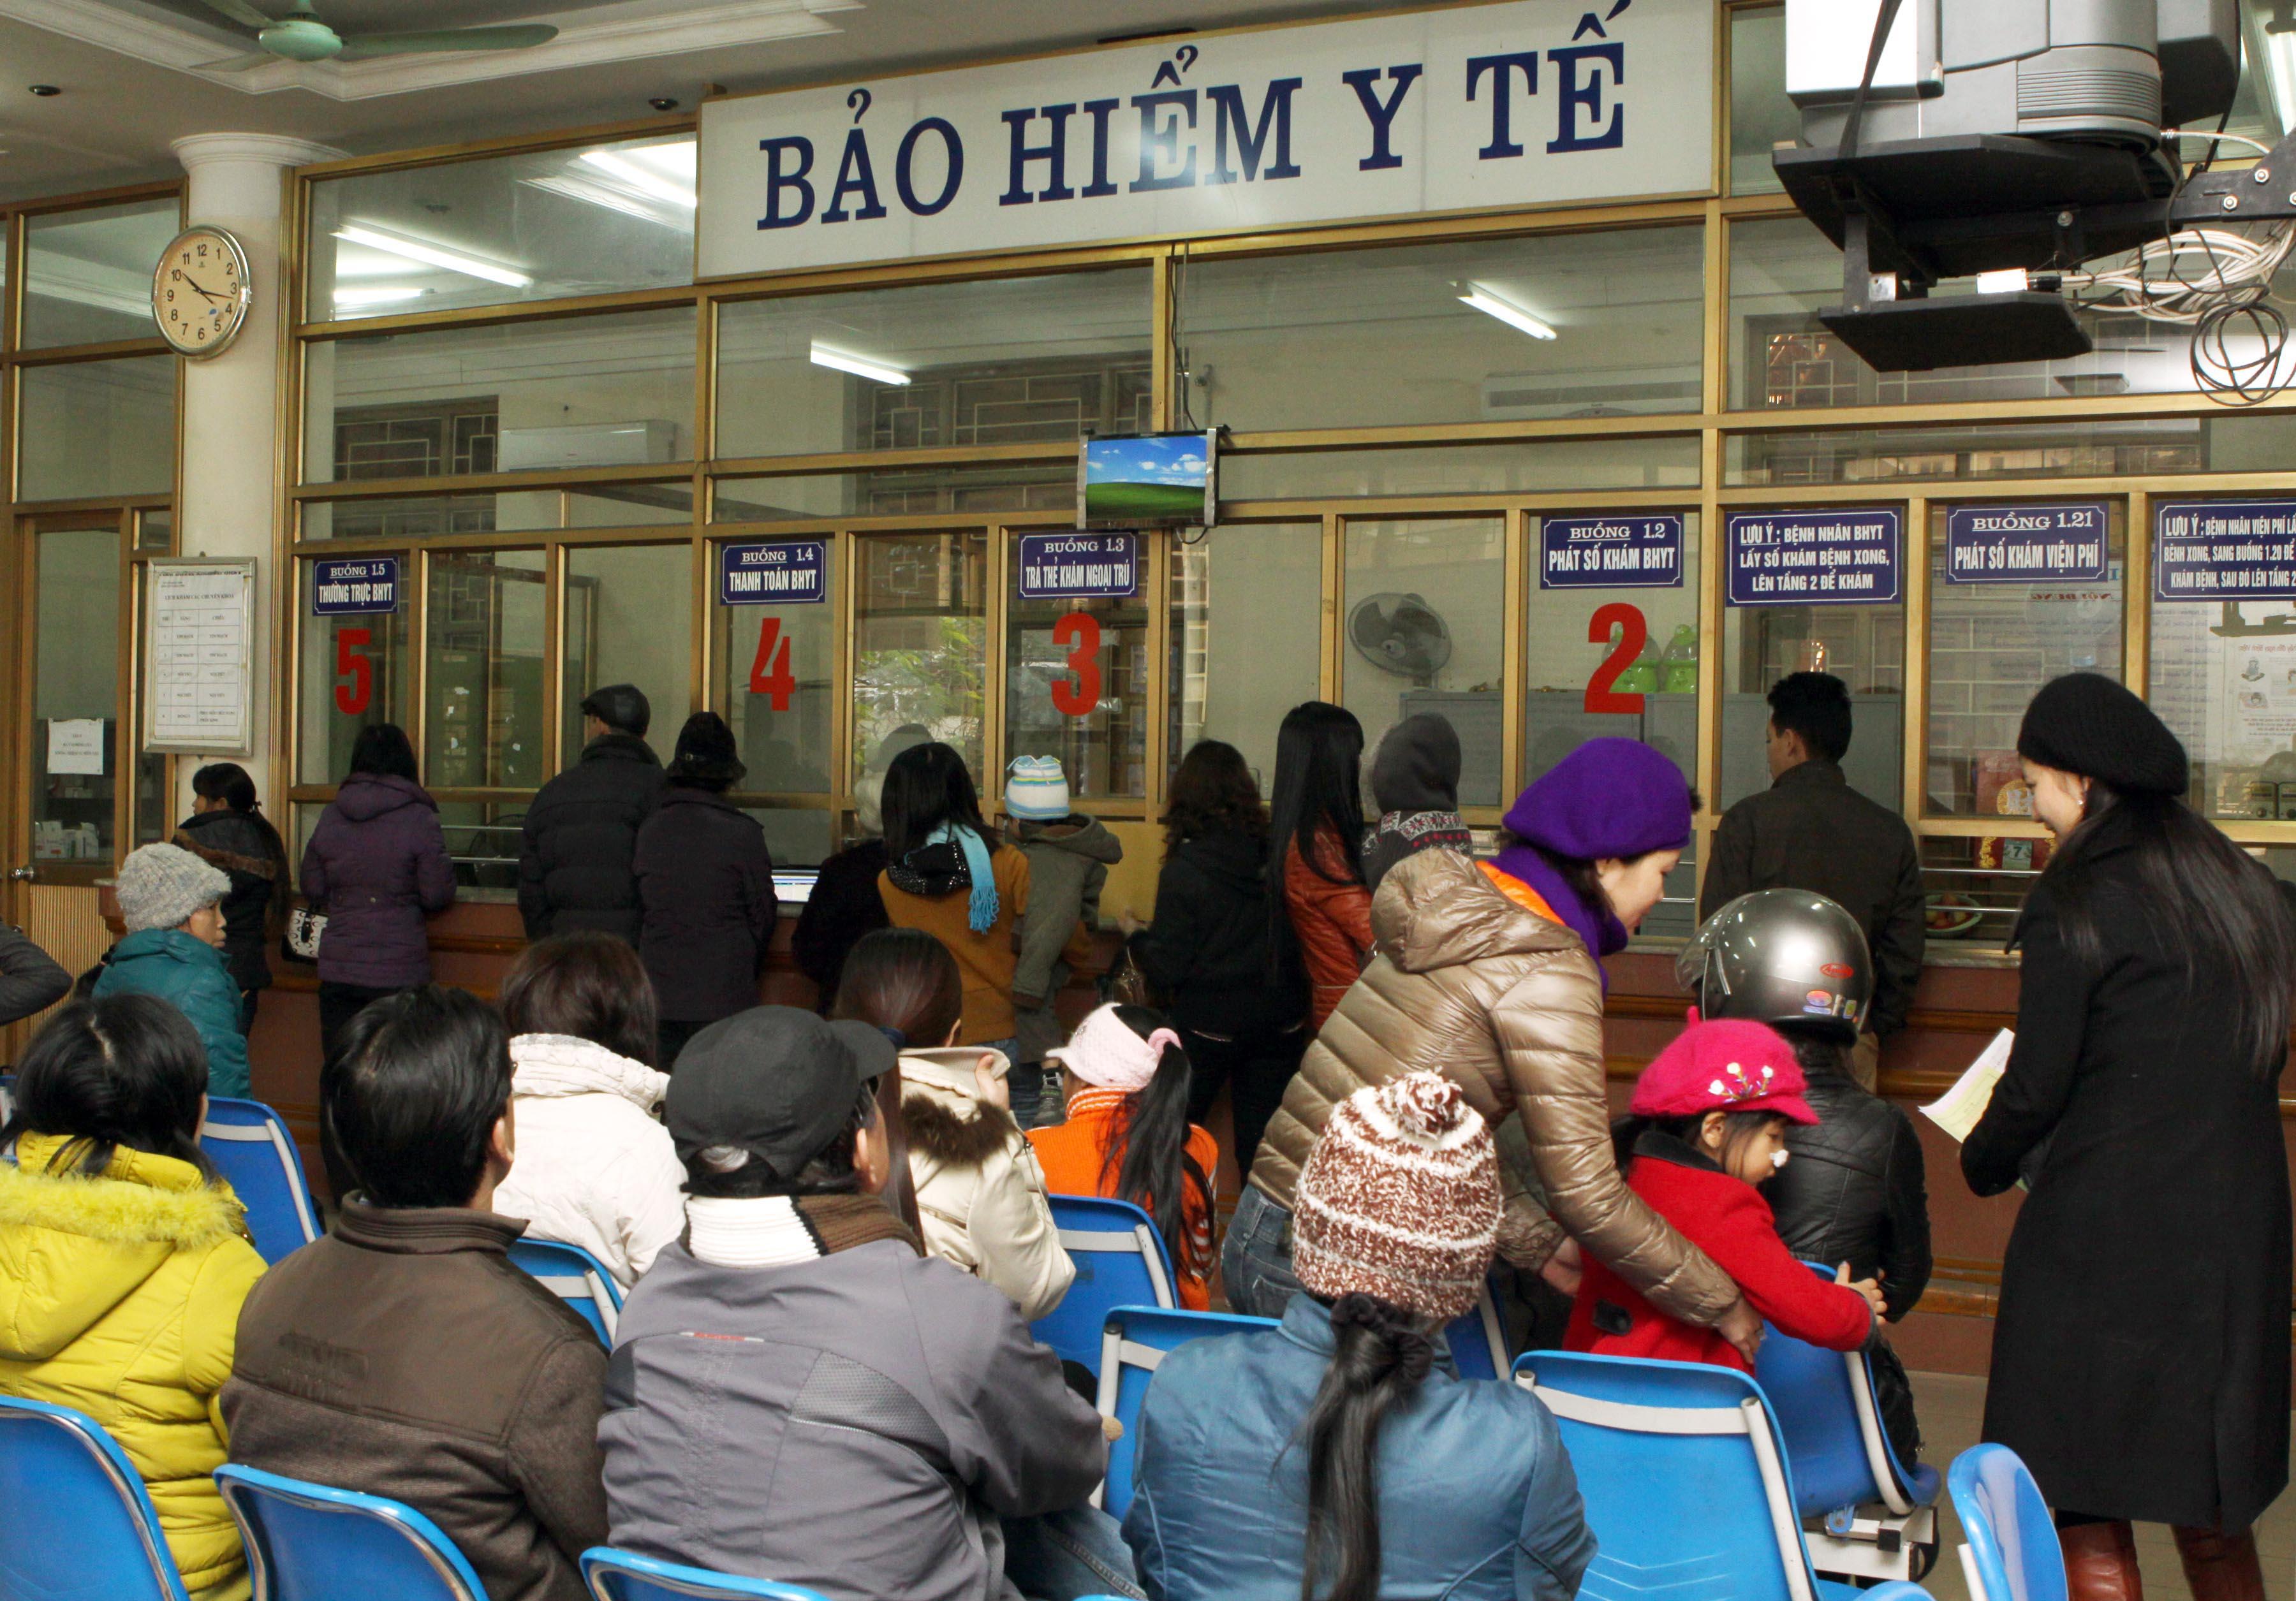 Nâng mức hỗ trợ tham gia BHYT cho hộ cận nghèo